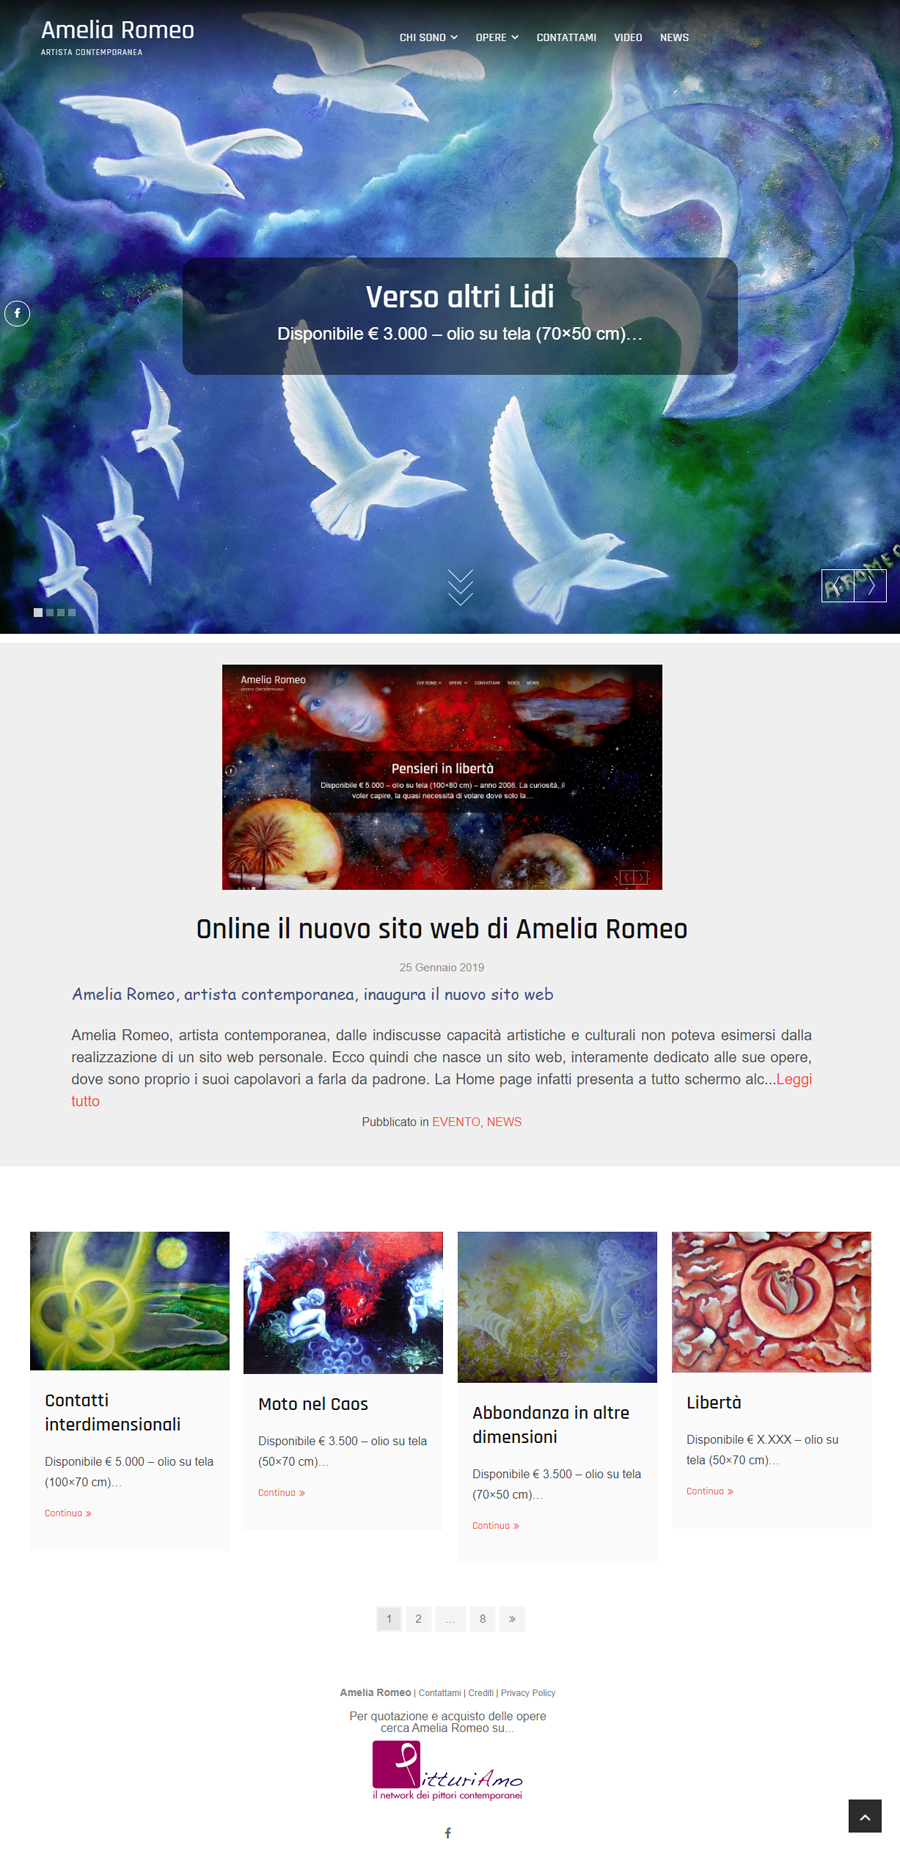 Ilsito web dell'artista Amelia Romeo - Pagina principale